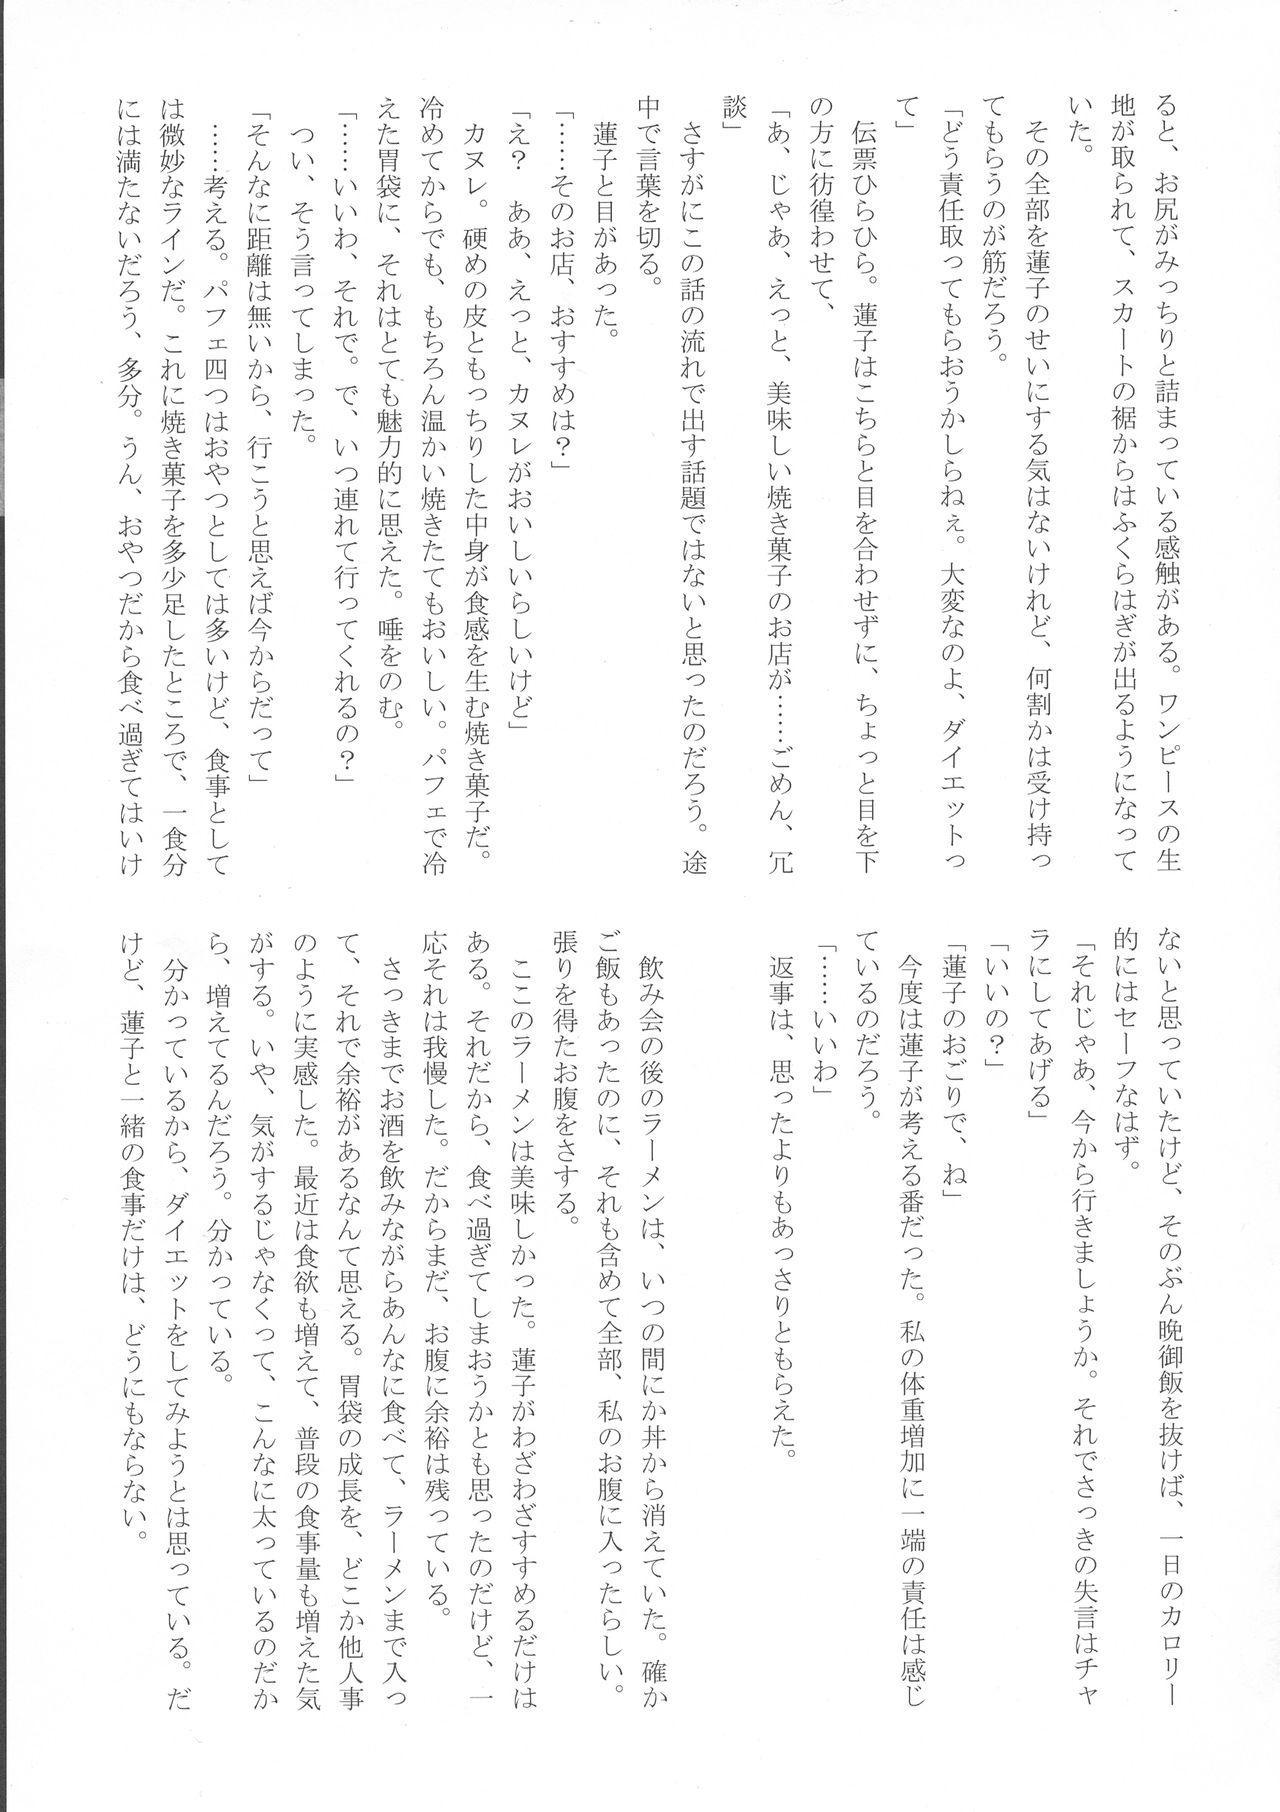 (Reitaisai 15) [HORIC WORKS (Various)] Touhou Bouchou-kei Sougou Goudou-shi `Boujo 2!!!!!!!!' (Touhou Project) 71